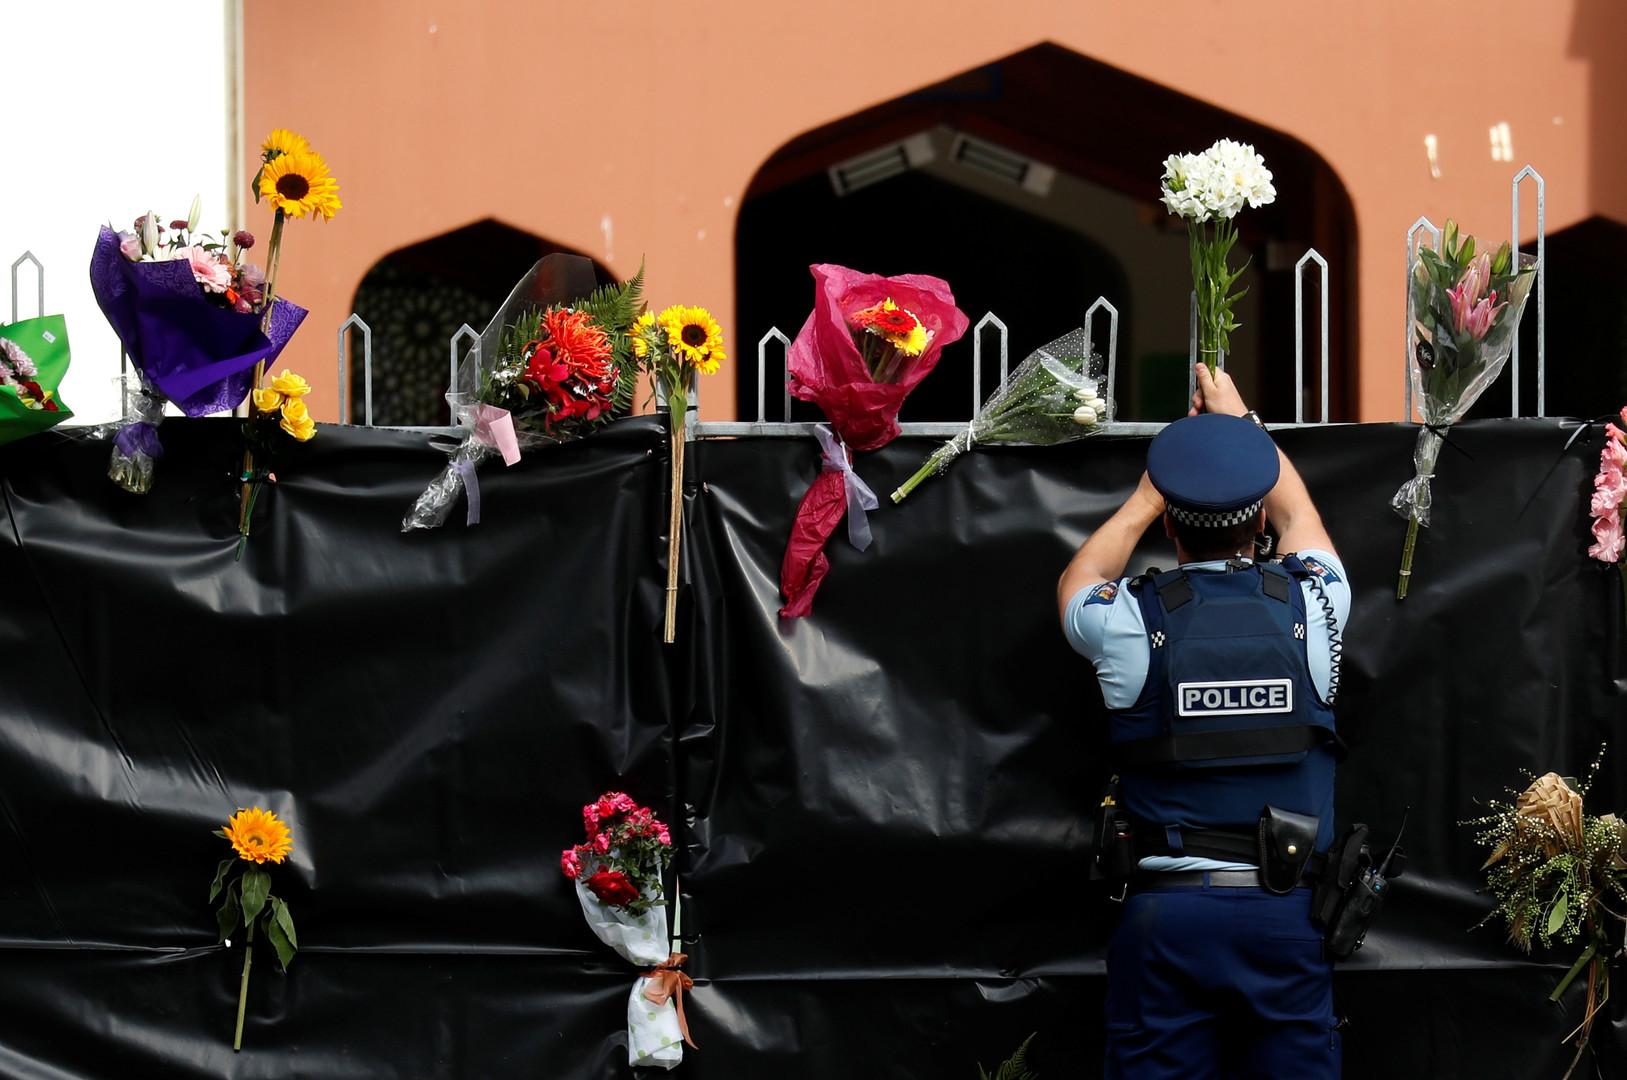 شرطة نيوزيلندا: متهم واحد فقط في مجزرة المسجدين حتى الآن